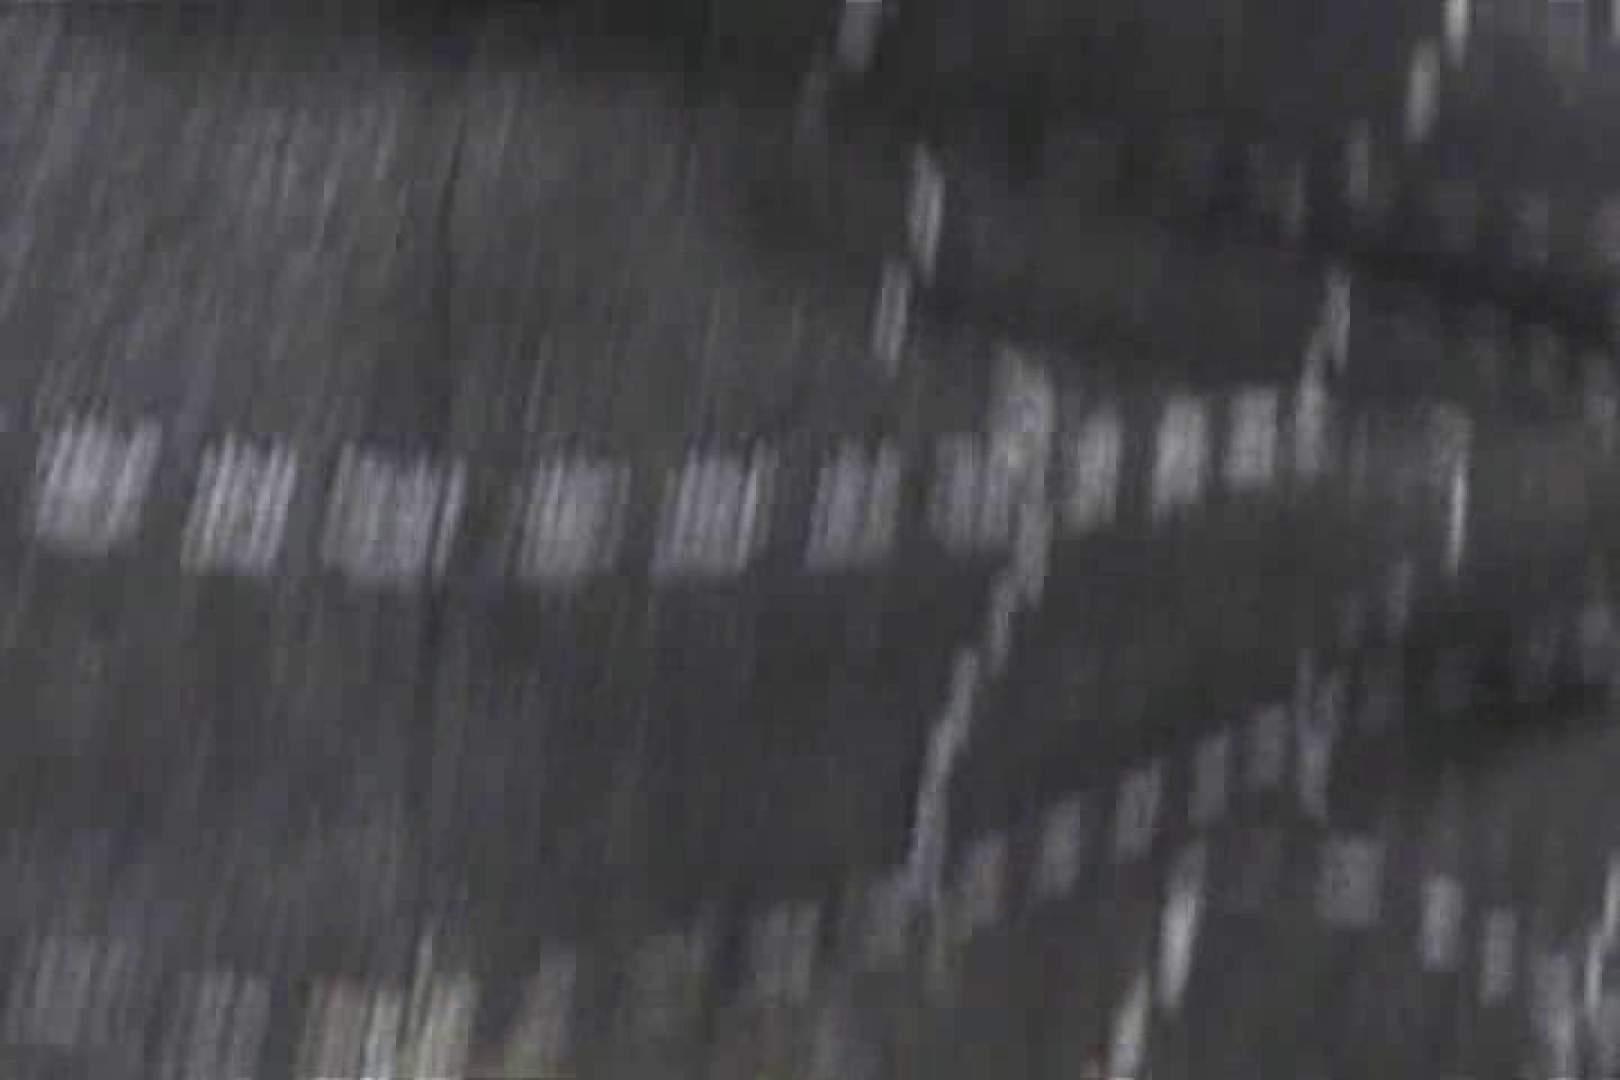 ぶっ掛け電車 只今運行中Vol.2 美女OL われめAV動画紹介 61連発 47